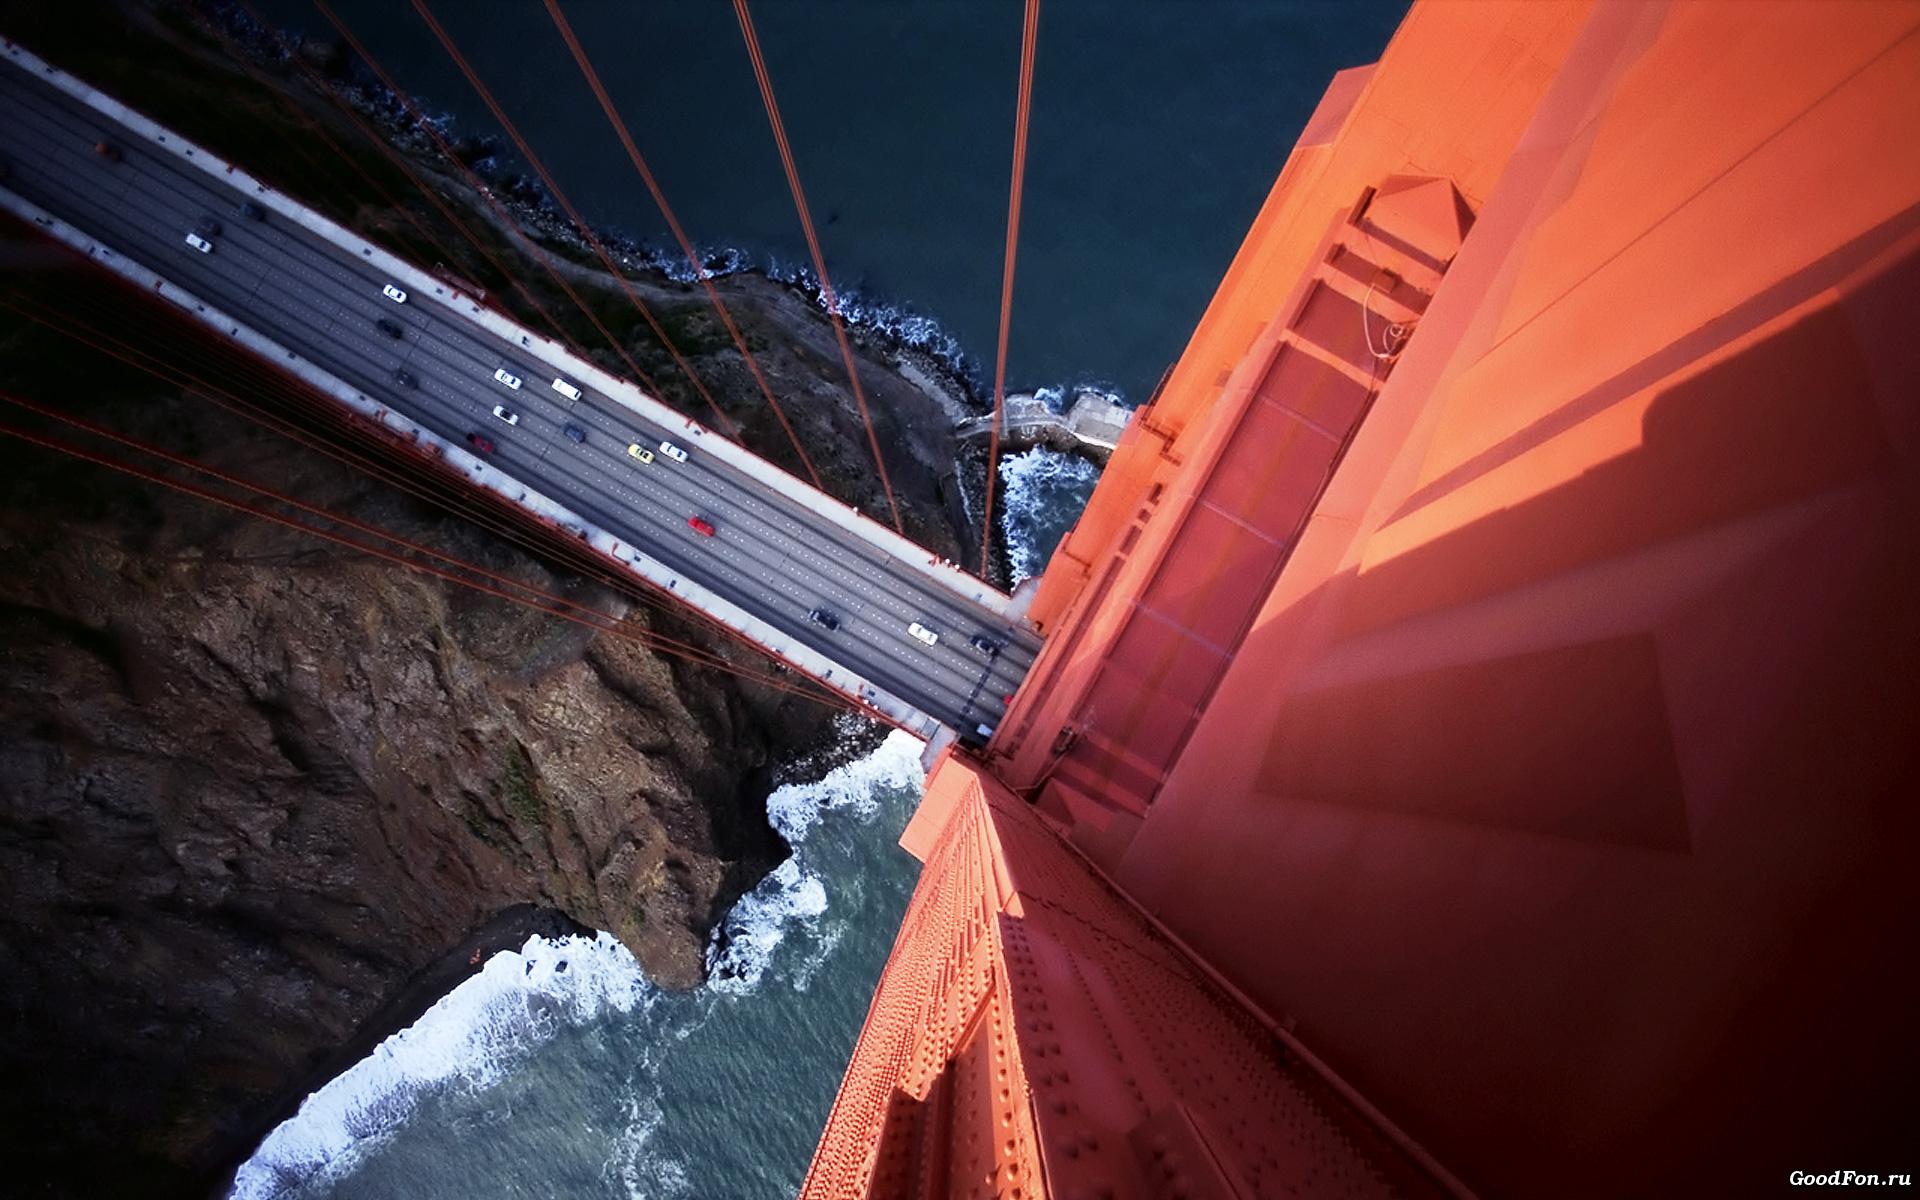 Second hoobly bridge photo software